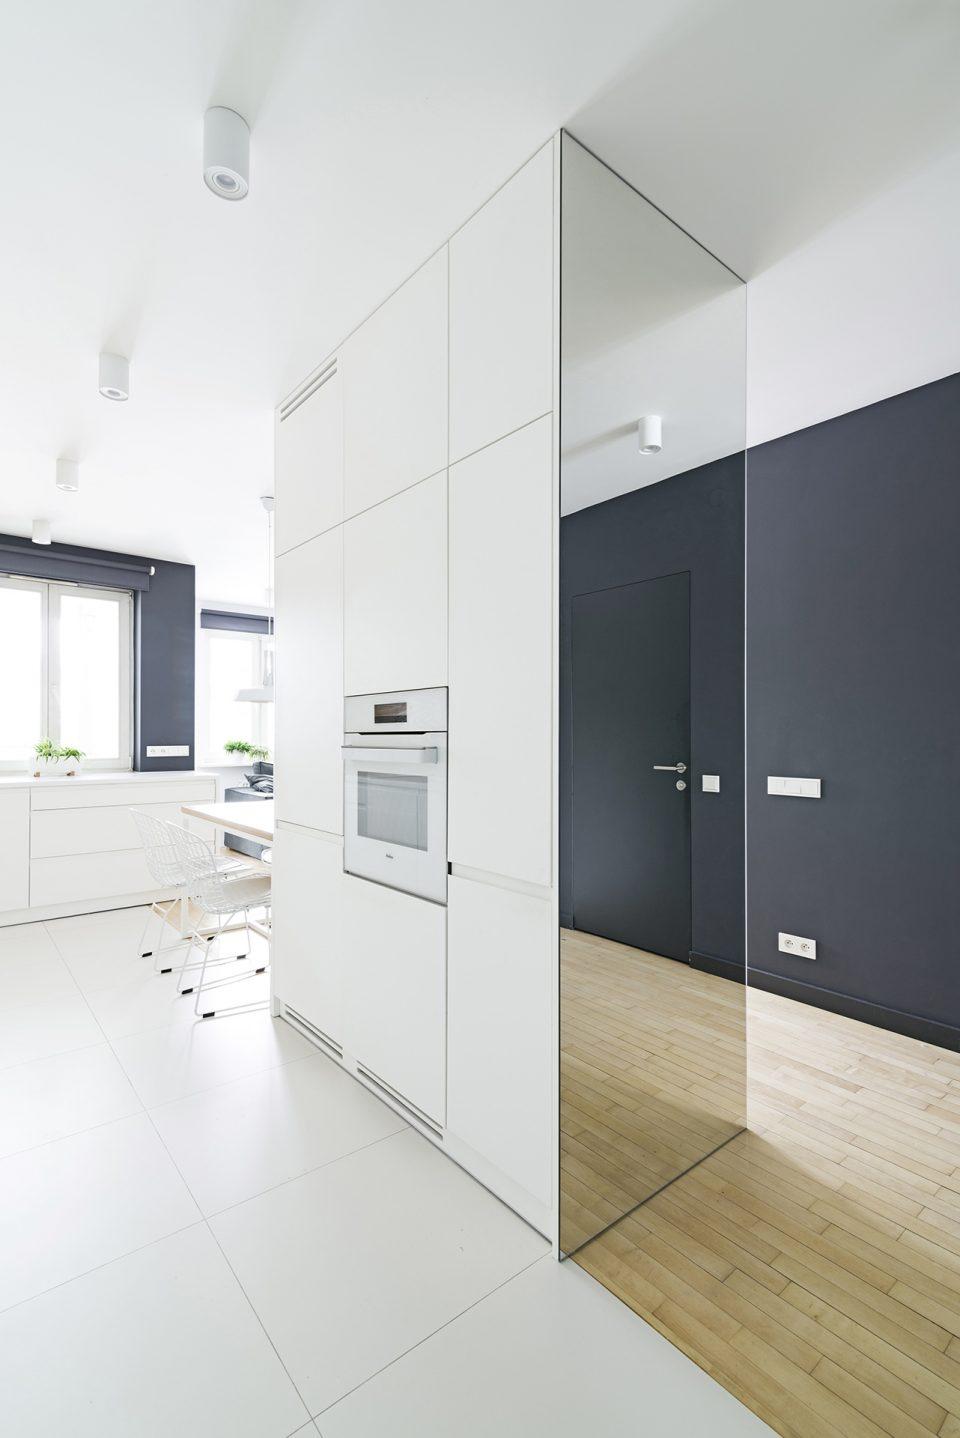 081-architekci-projekt-wnetrz-mieszkanie-szu-hol_01